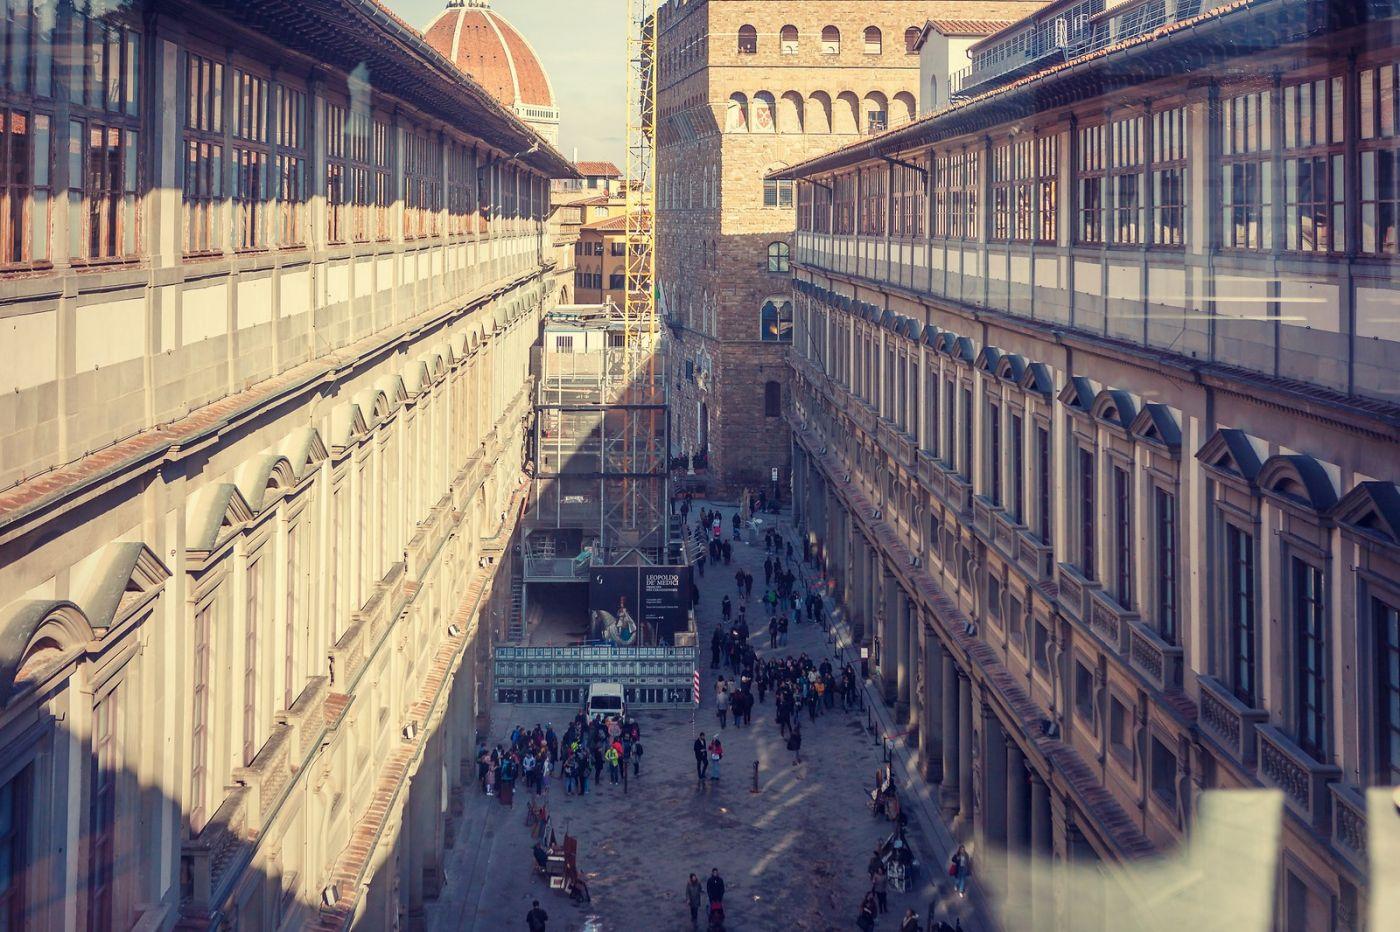 意大利佛罗伦斯乌菲兹美术馆, 进去看一看_图1-13